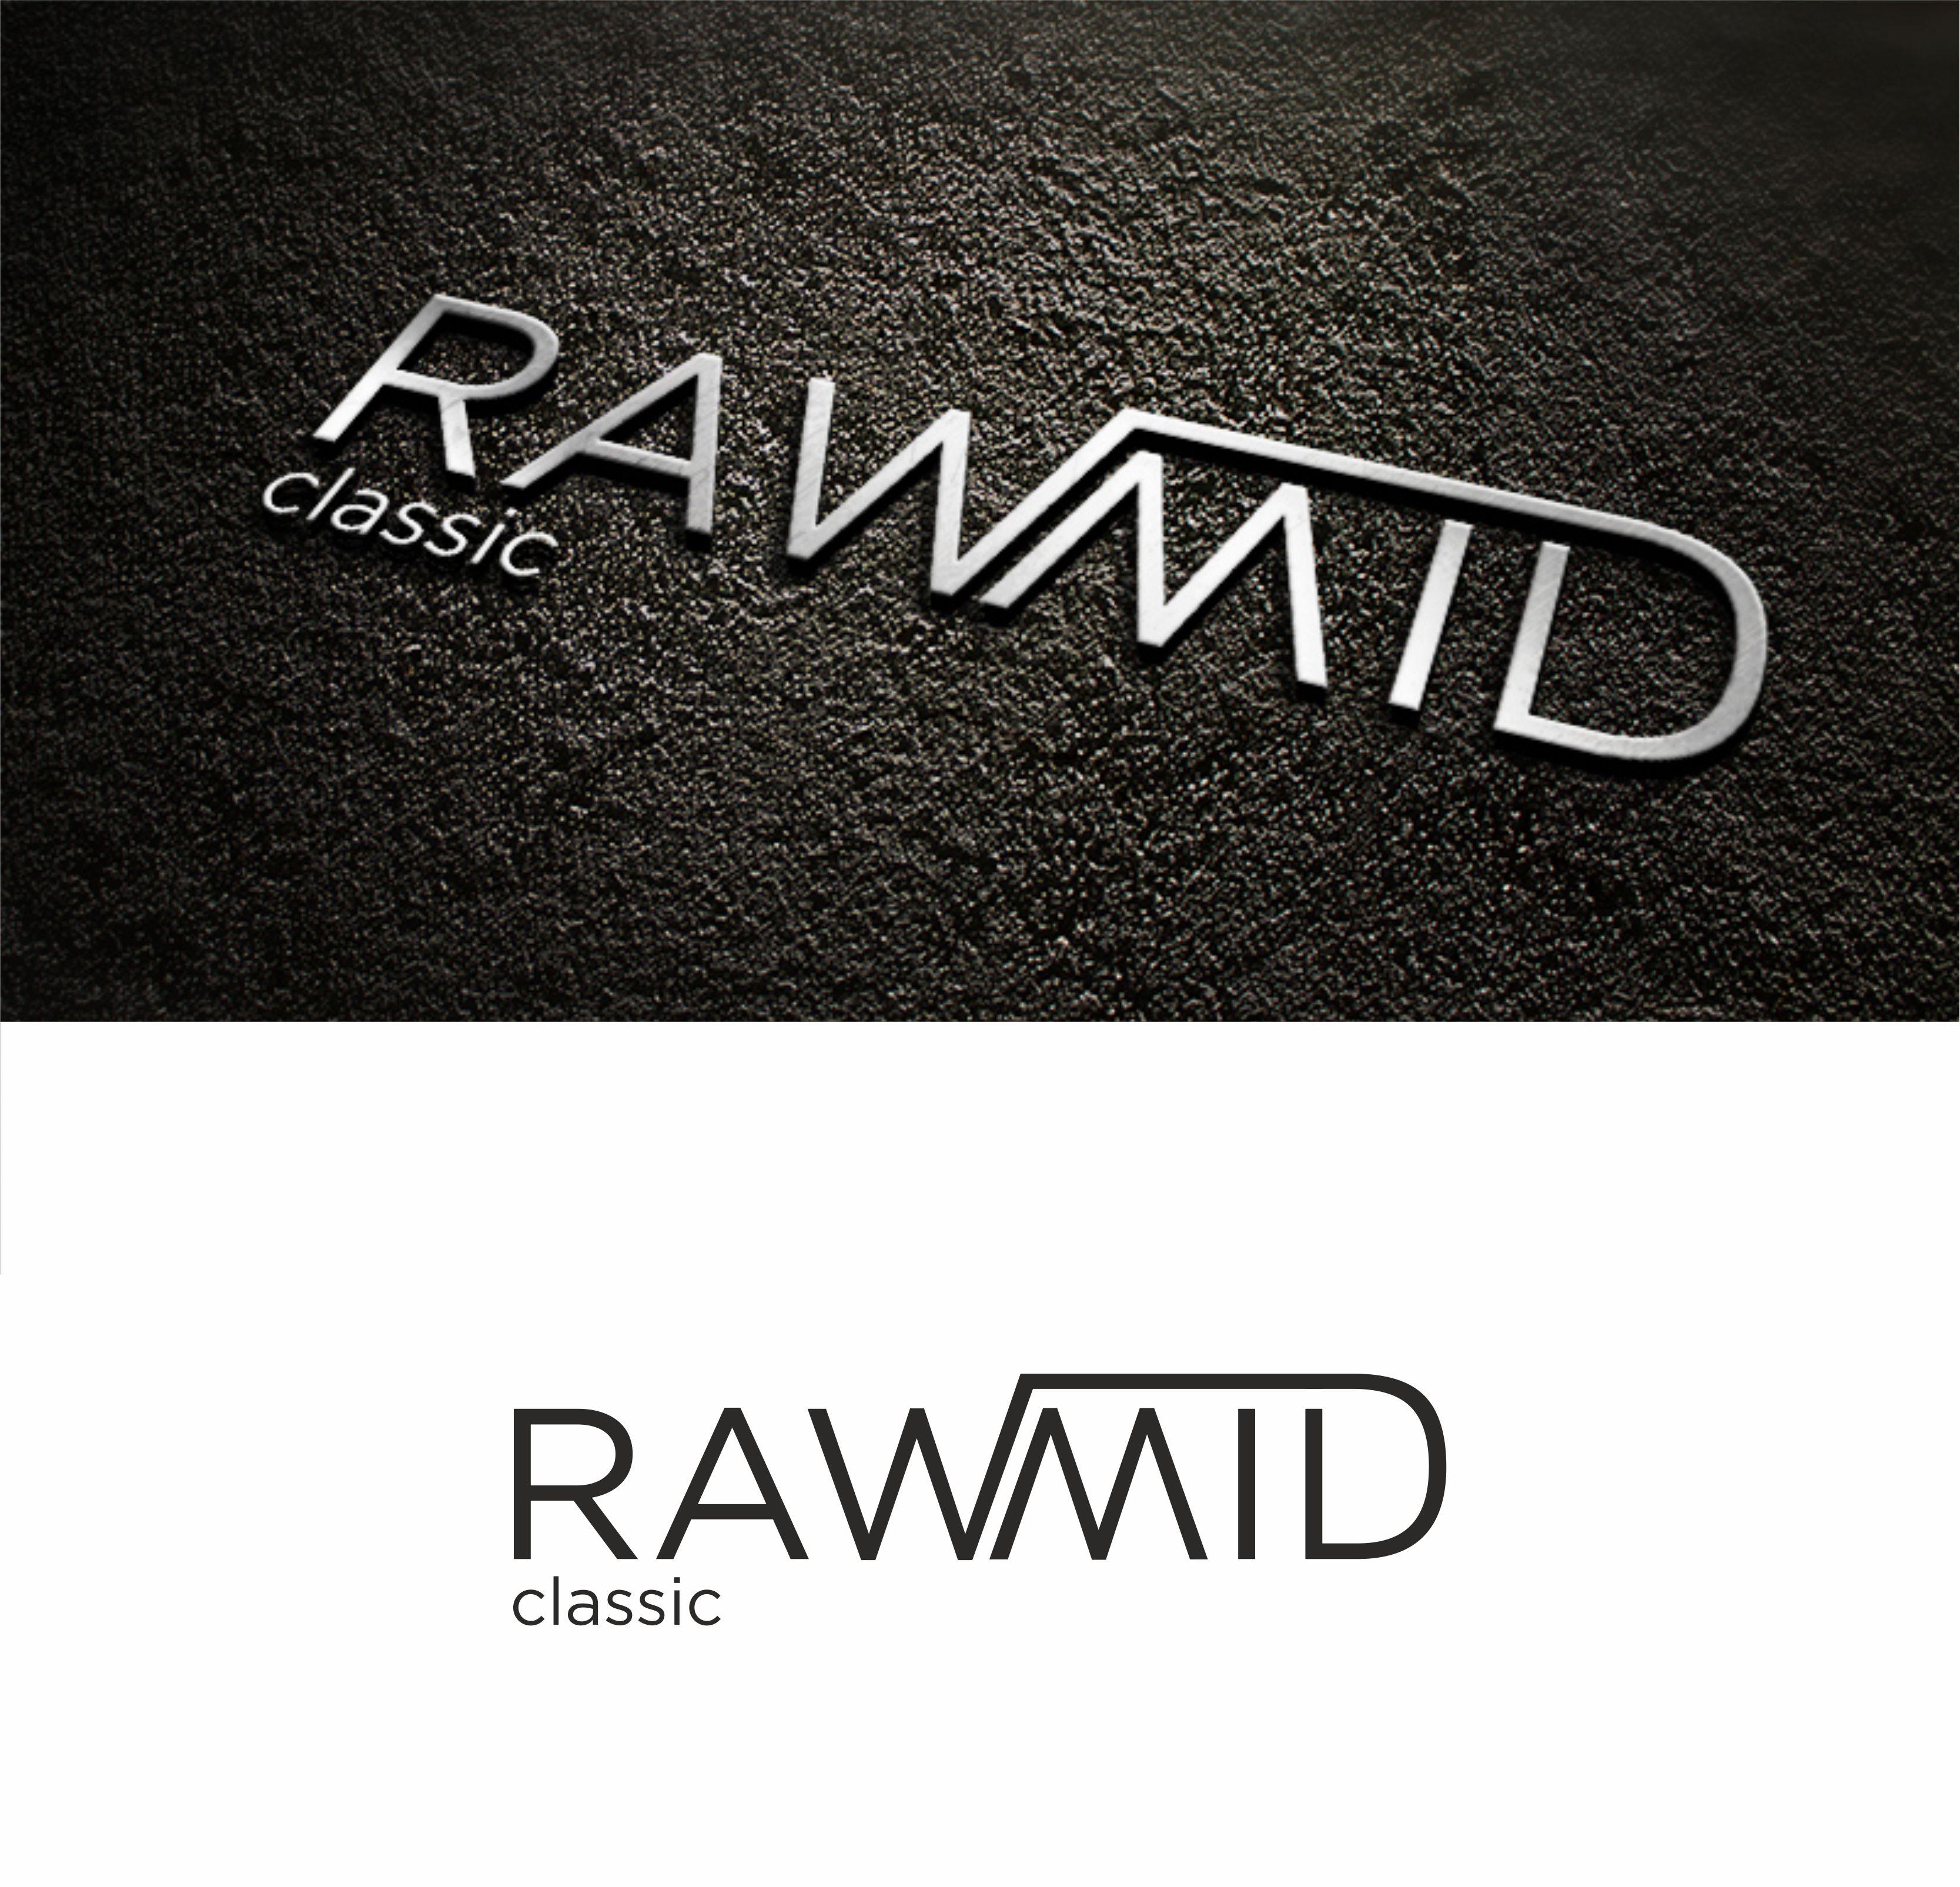 Создать логотип (буквенная часть) для бренда бытовой техники фото f_0275b3499fd06d92.jpg